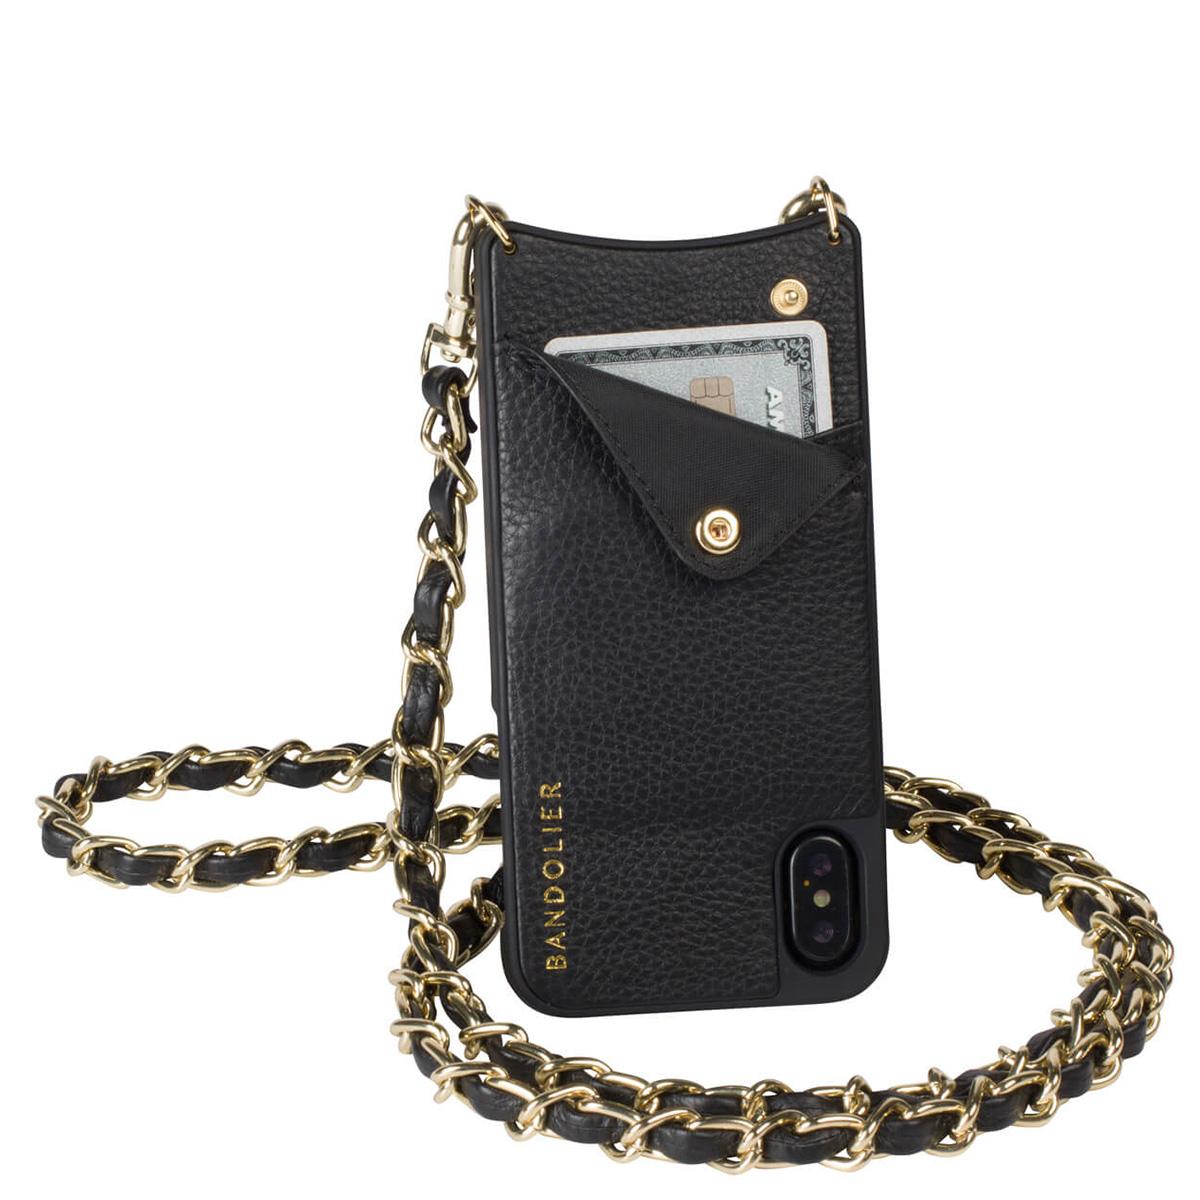 BANDOLIER iPhone SE 8 7 6 6s/Plus ケース スマホ 携帯 アイフォン プラス LUCY GOLD メンズ レディース